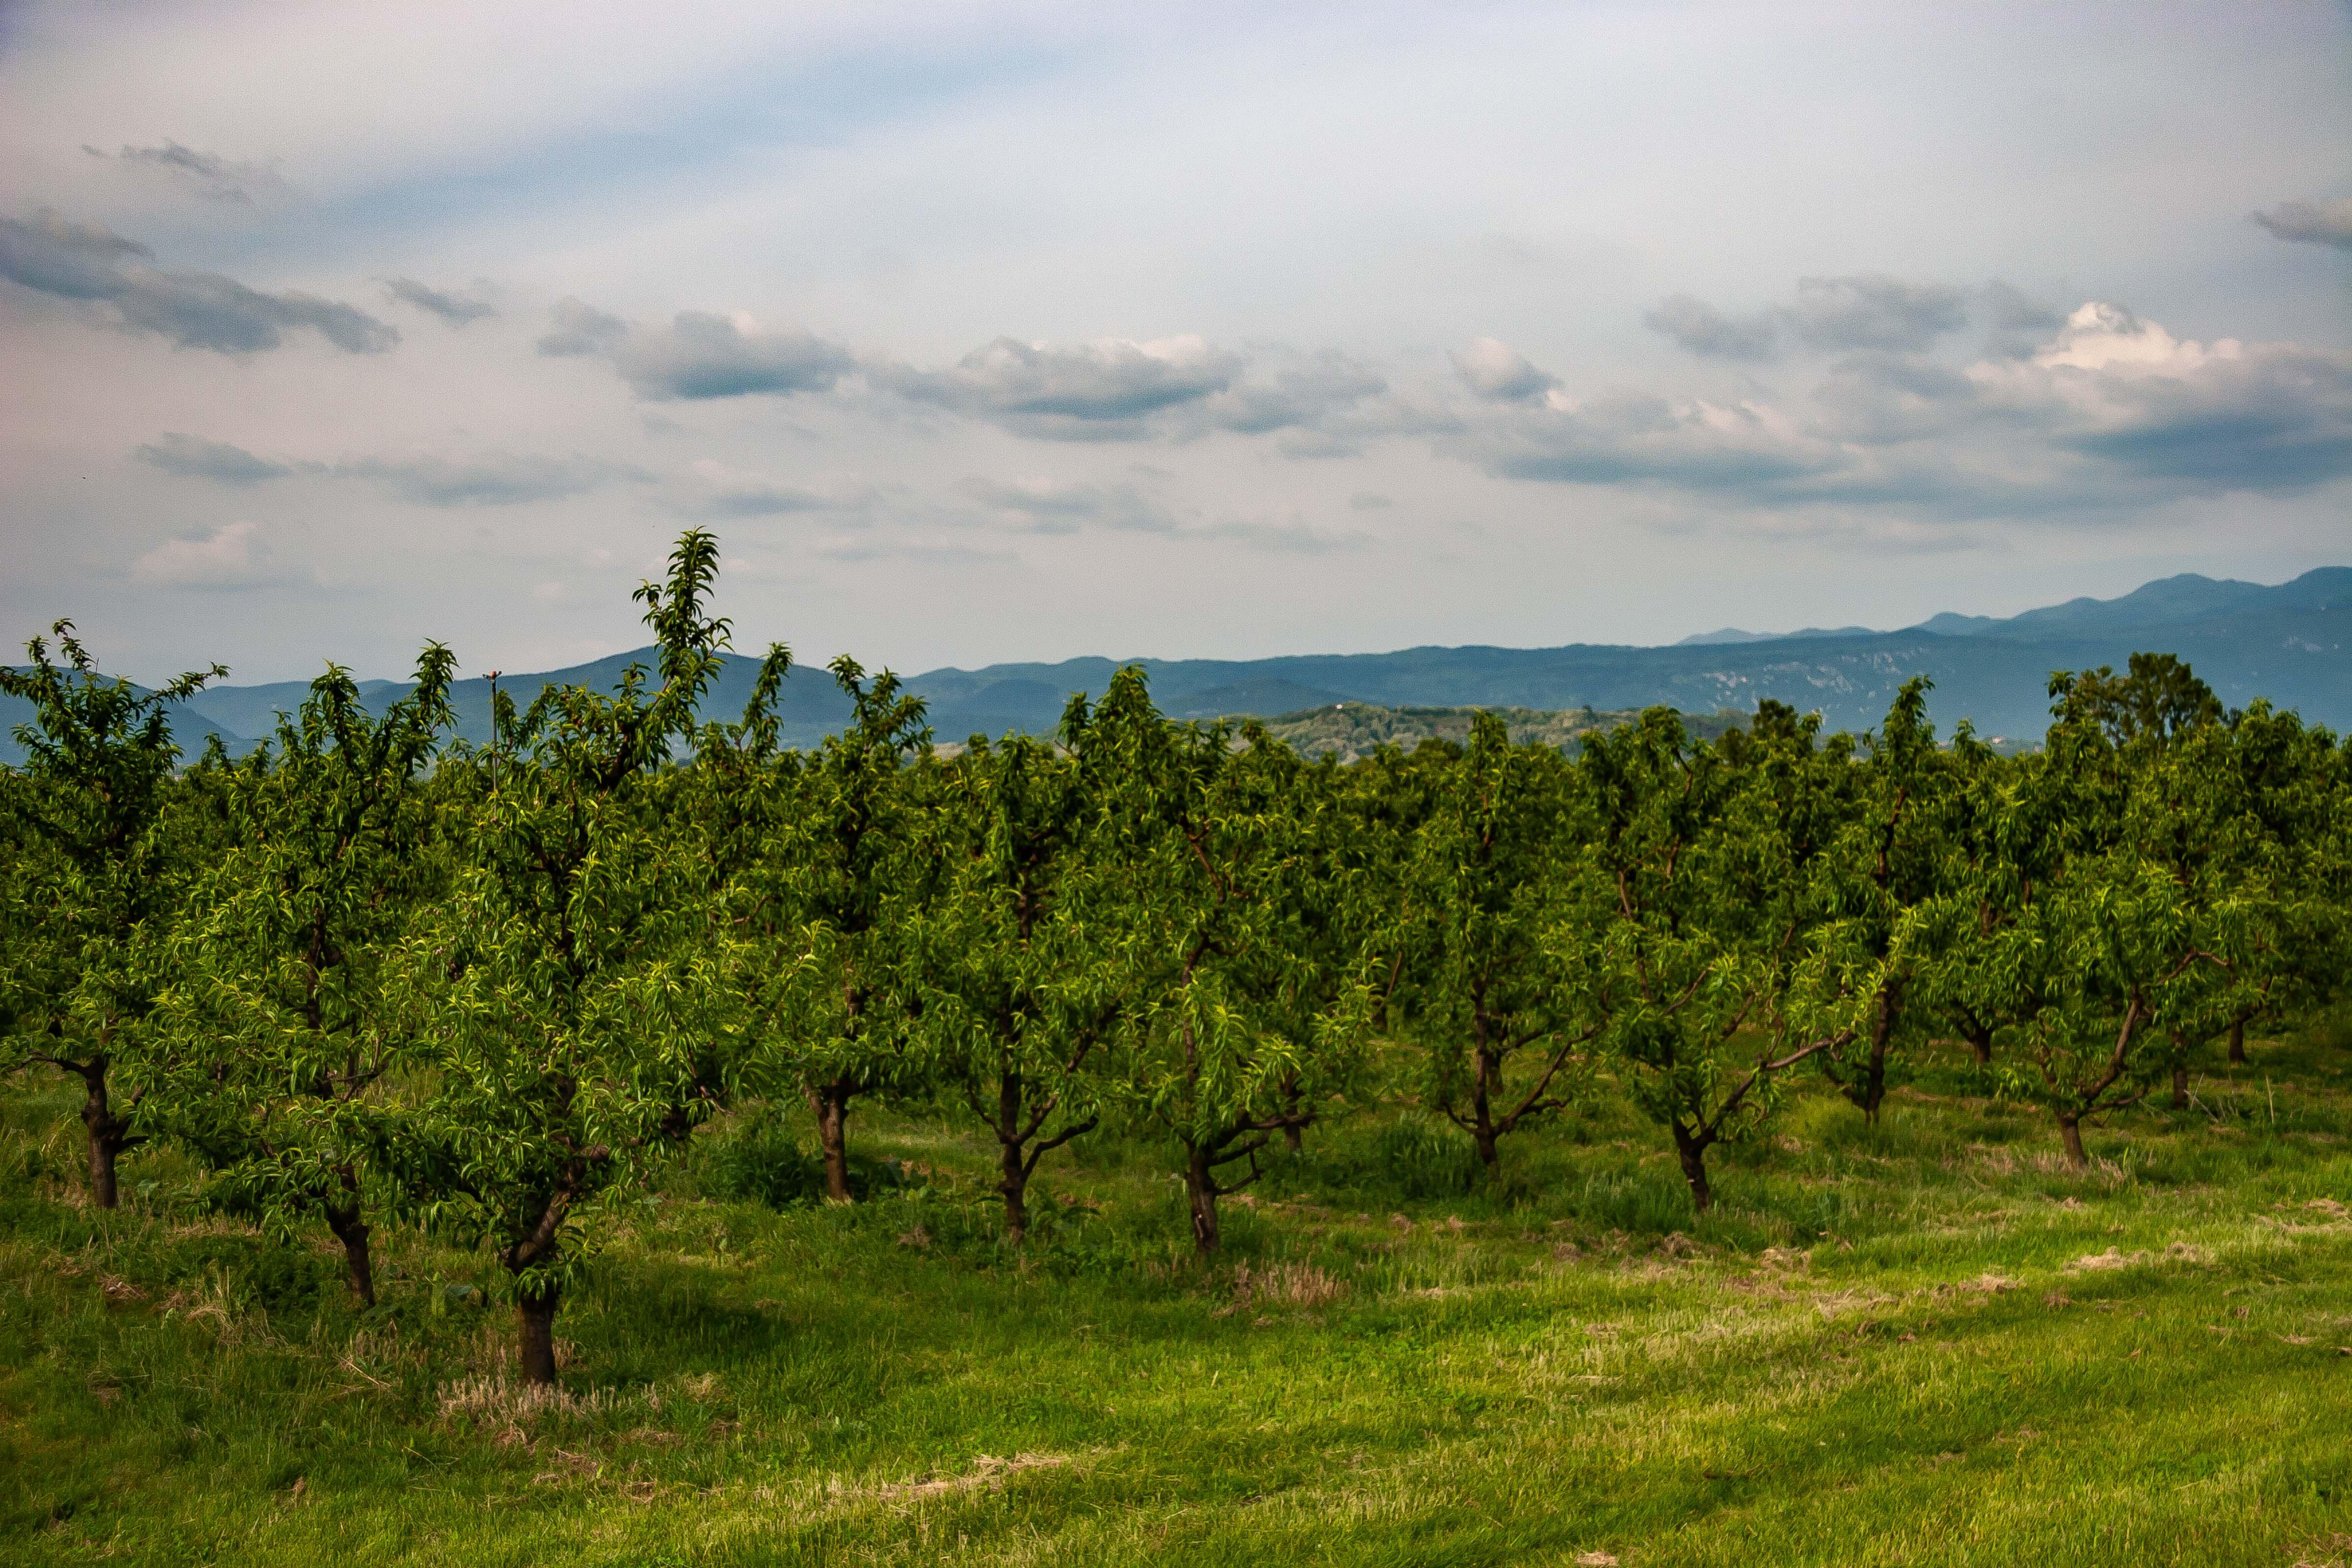 Slovenia, Sempeter-Vrtojba Prov, Grove, 2006, IMG 6788